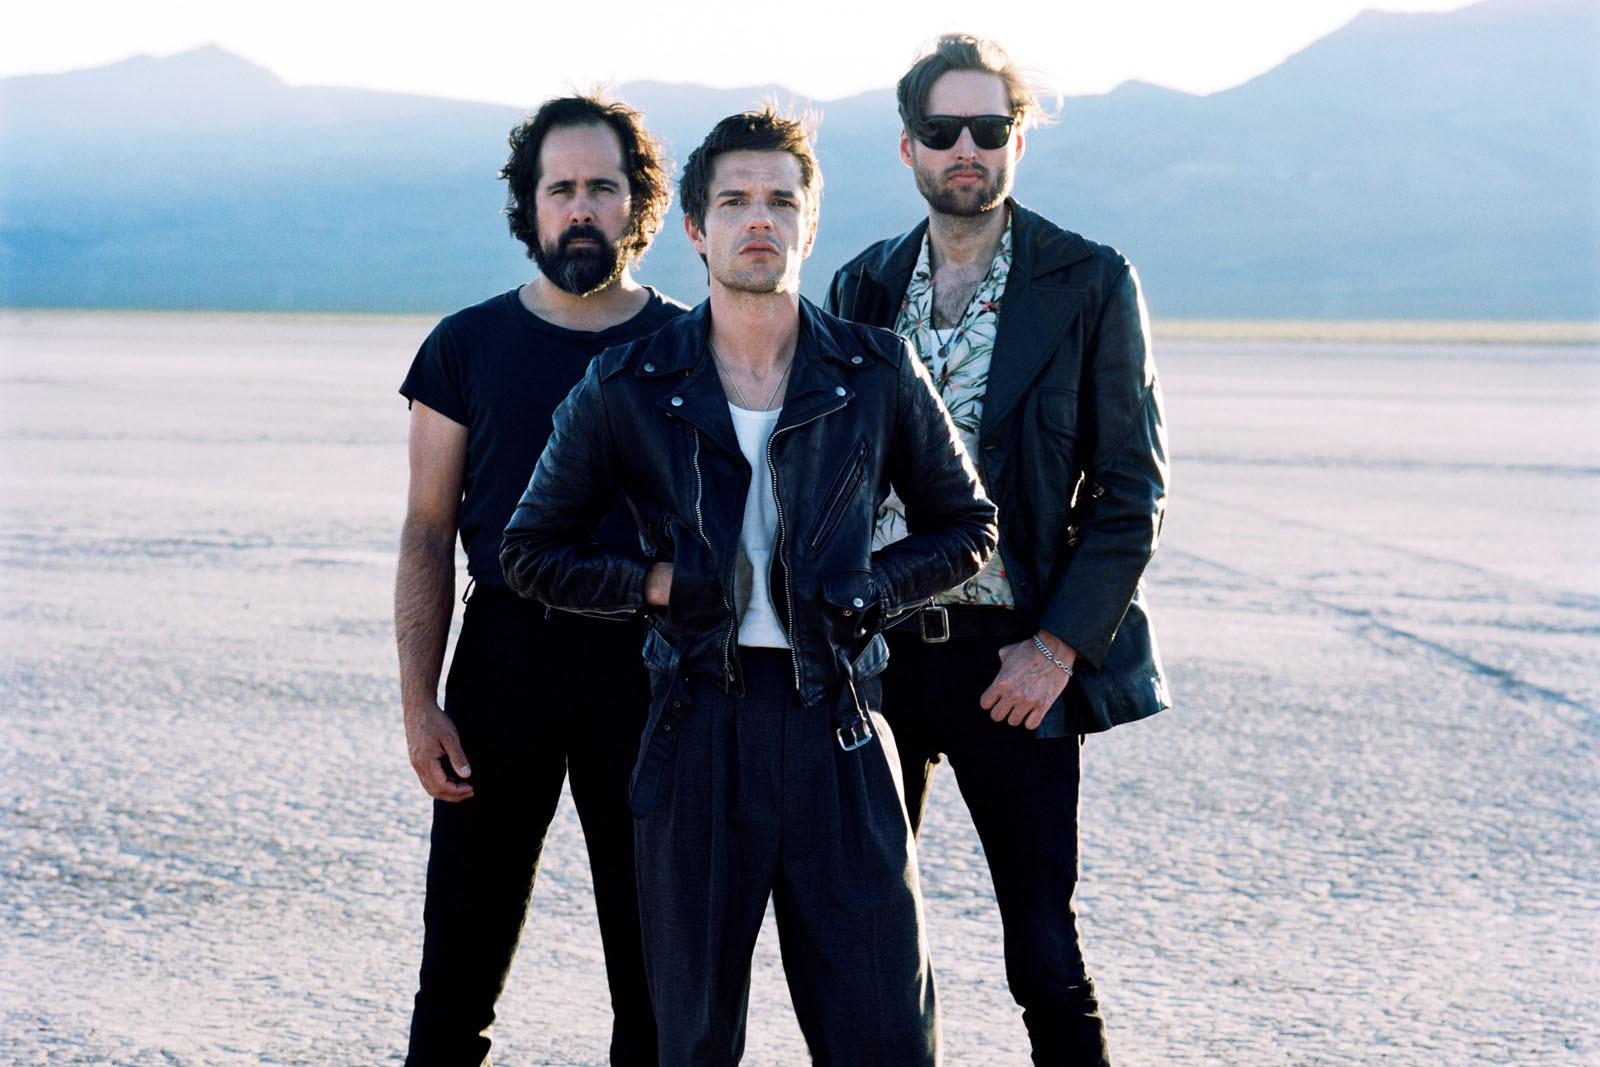 Killers fazem hino para refugiados em 'Land of the free', mas intenção é melhor que canção